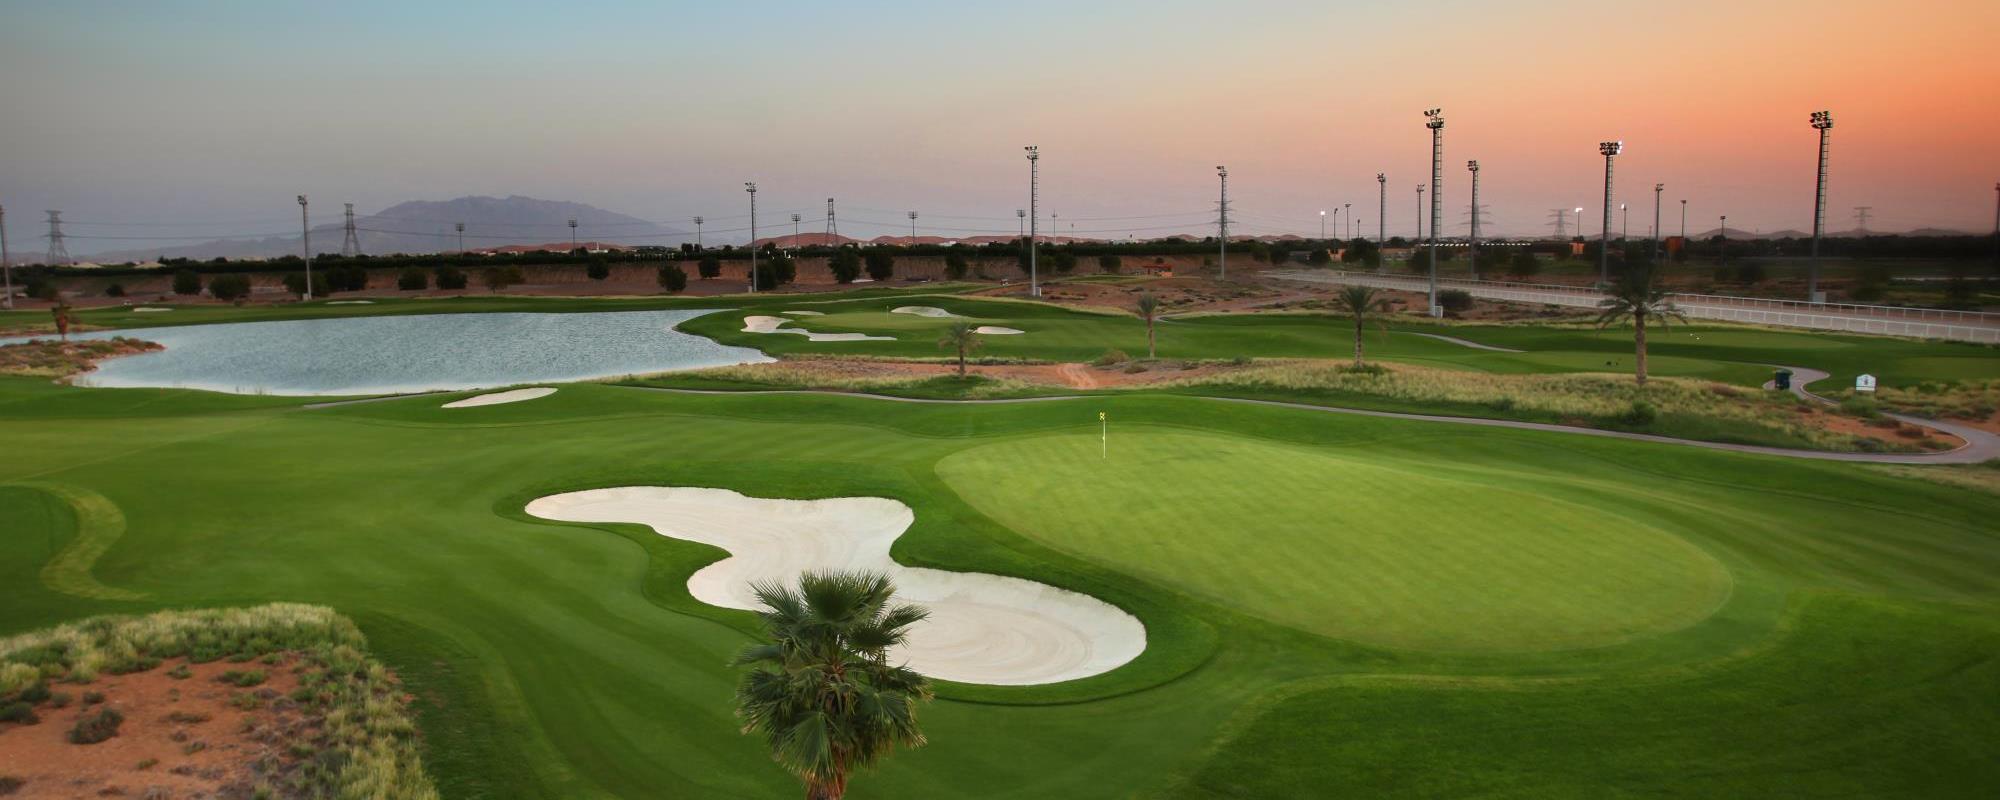 Al Ain Equestrian Shooting Amp Golf Club Visitabudhabi Ae